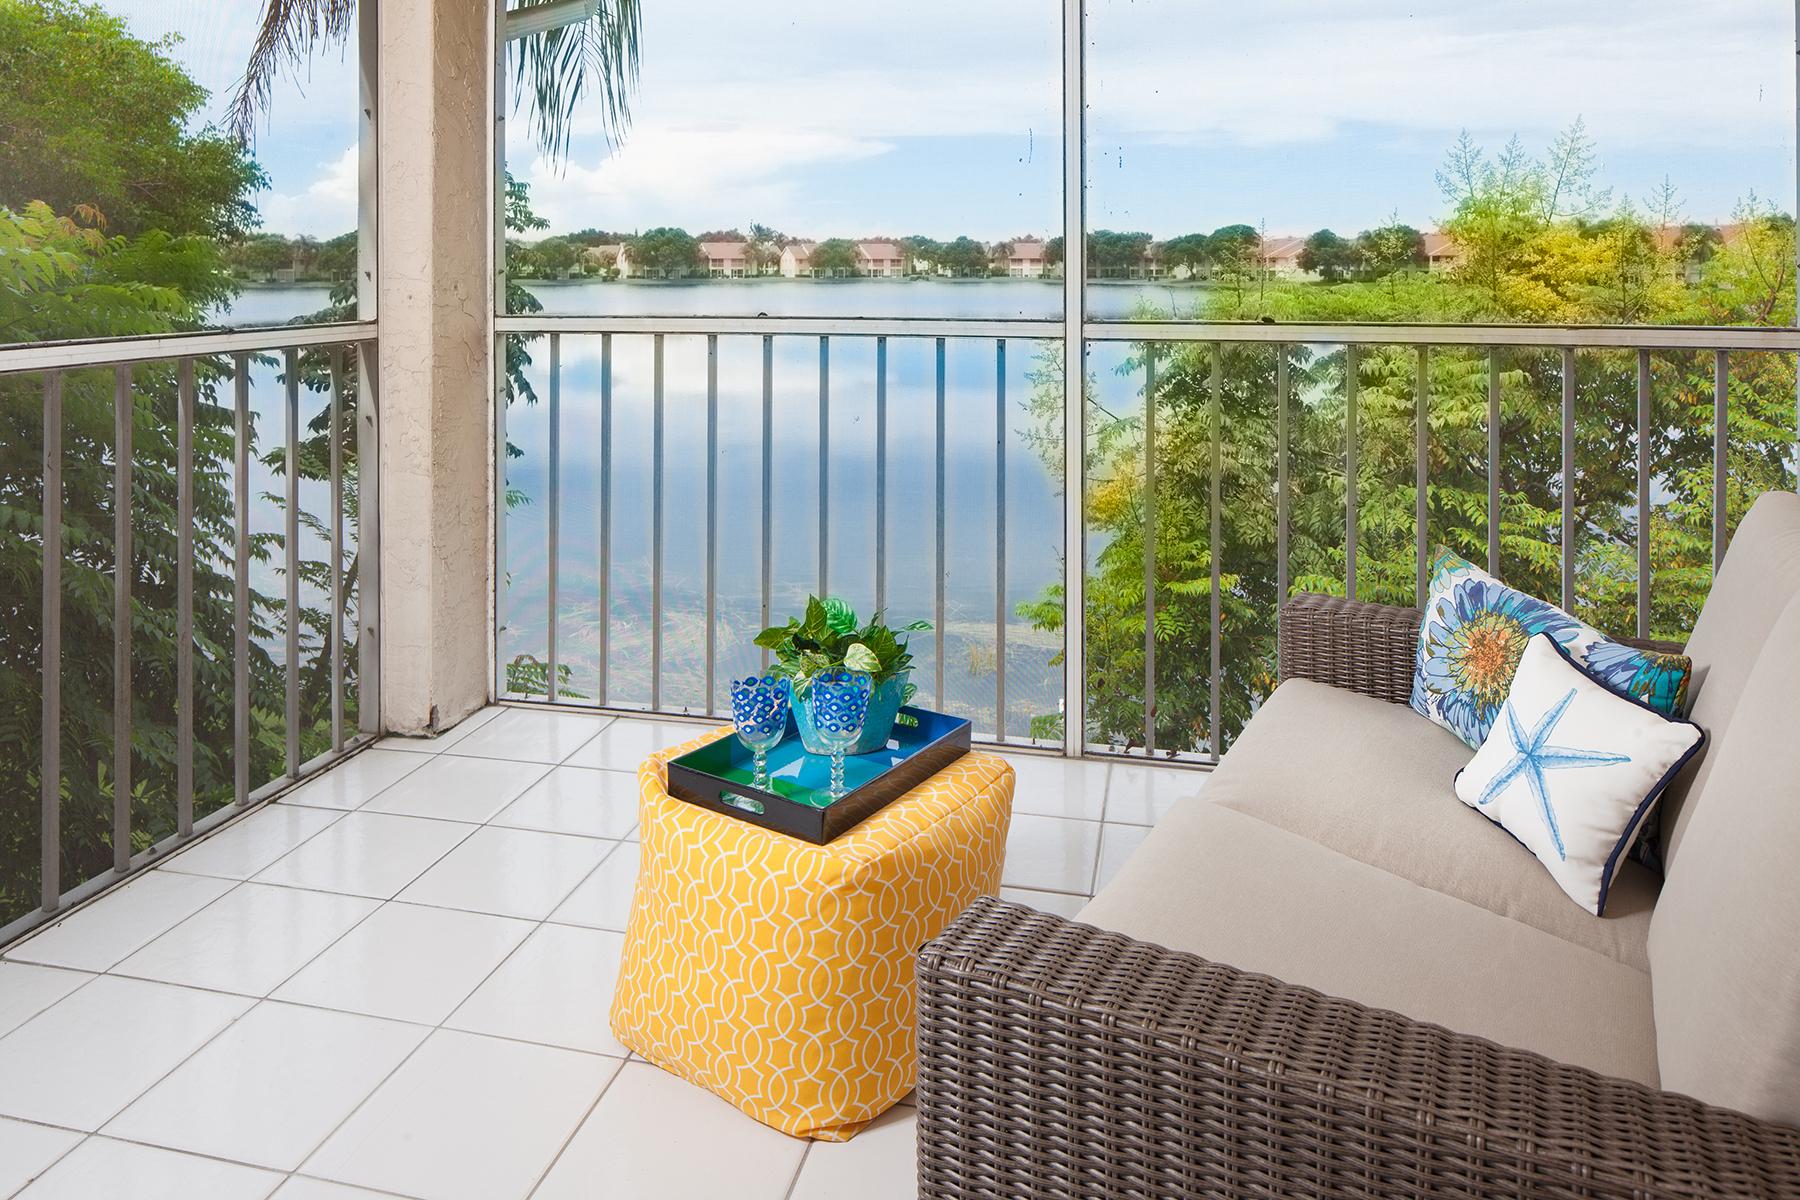 Eigentumswohnung für Verkauf beim EMERALD LAKES 7806 Emerald Cir 203 Naples, Florida 34109 Vereinigte Staaten